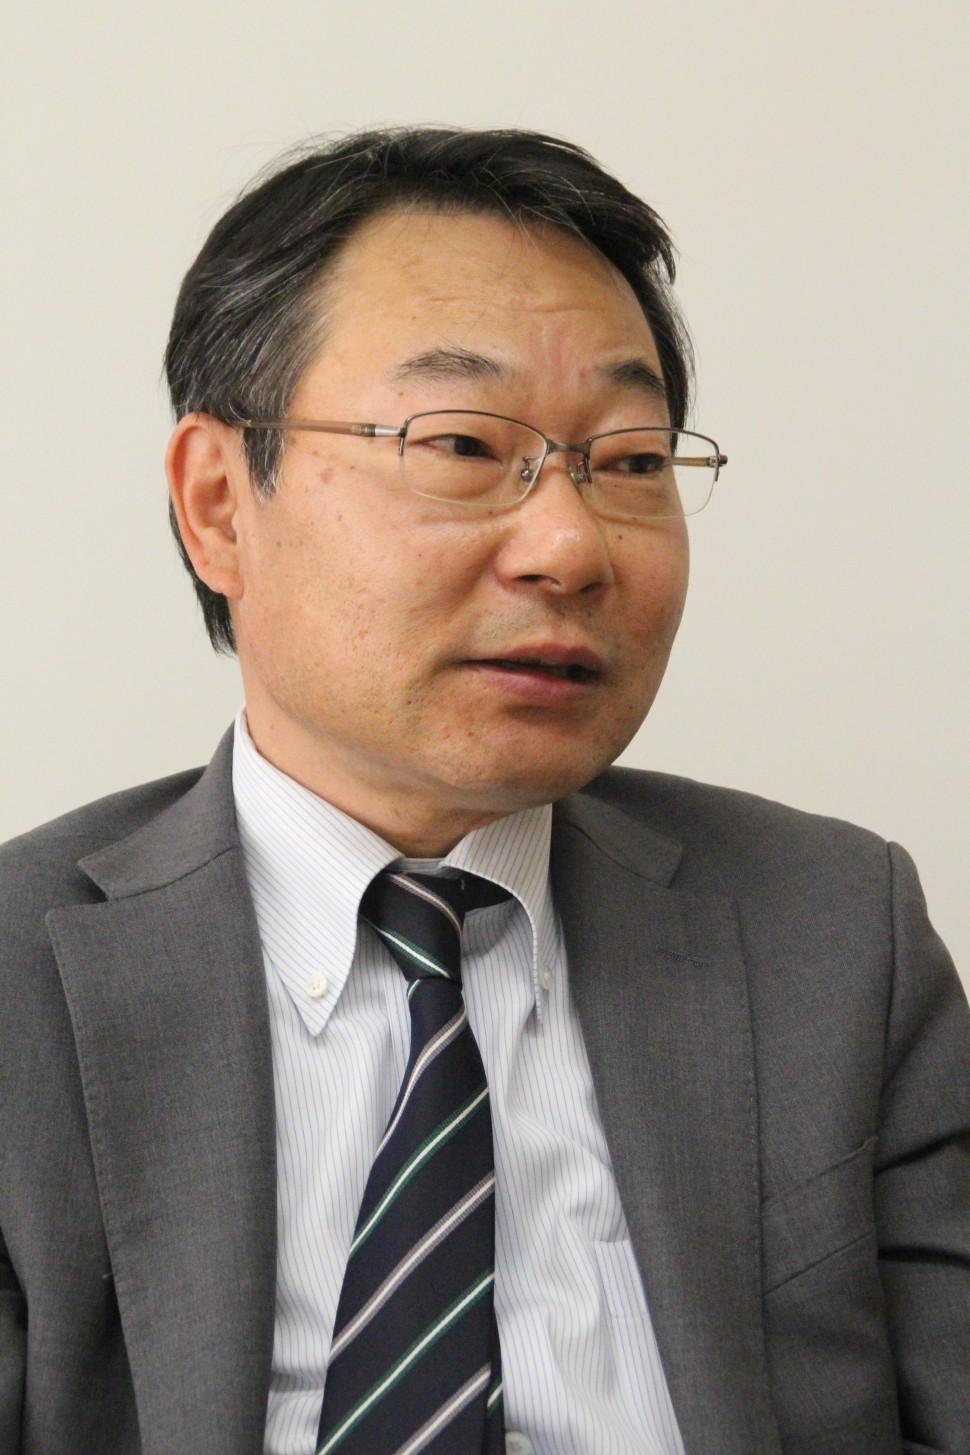 営業戦略を語る千田事業部長